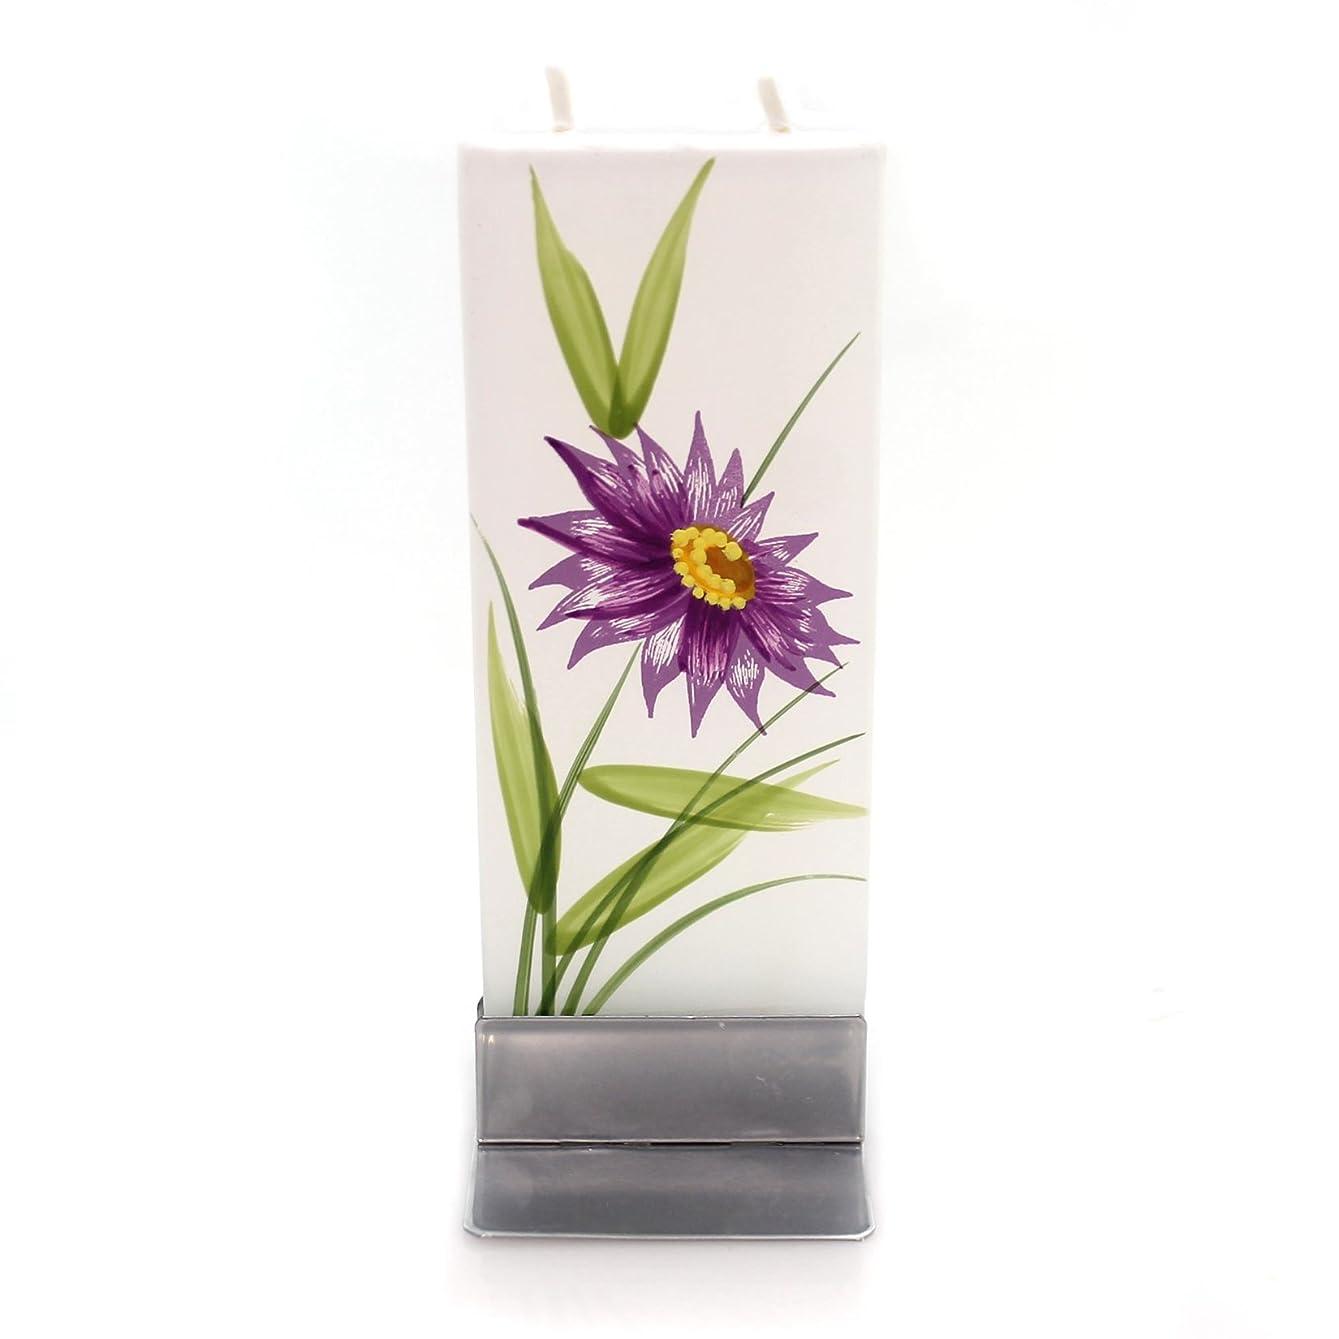 手錠ホイール置き場ホームデコレーションパープル花W /イエローCentre Dripless Fragrance Free Candle f1640